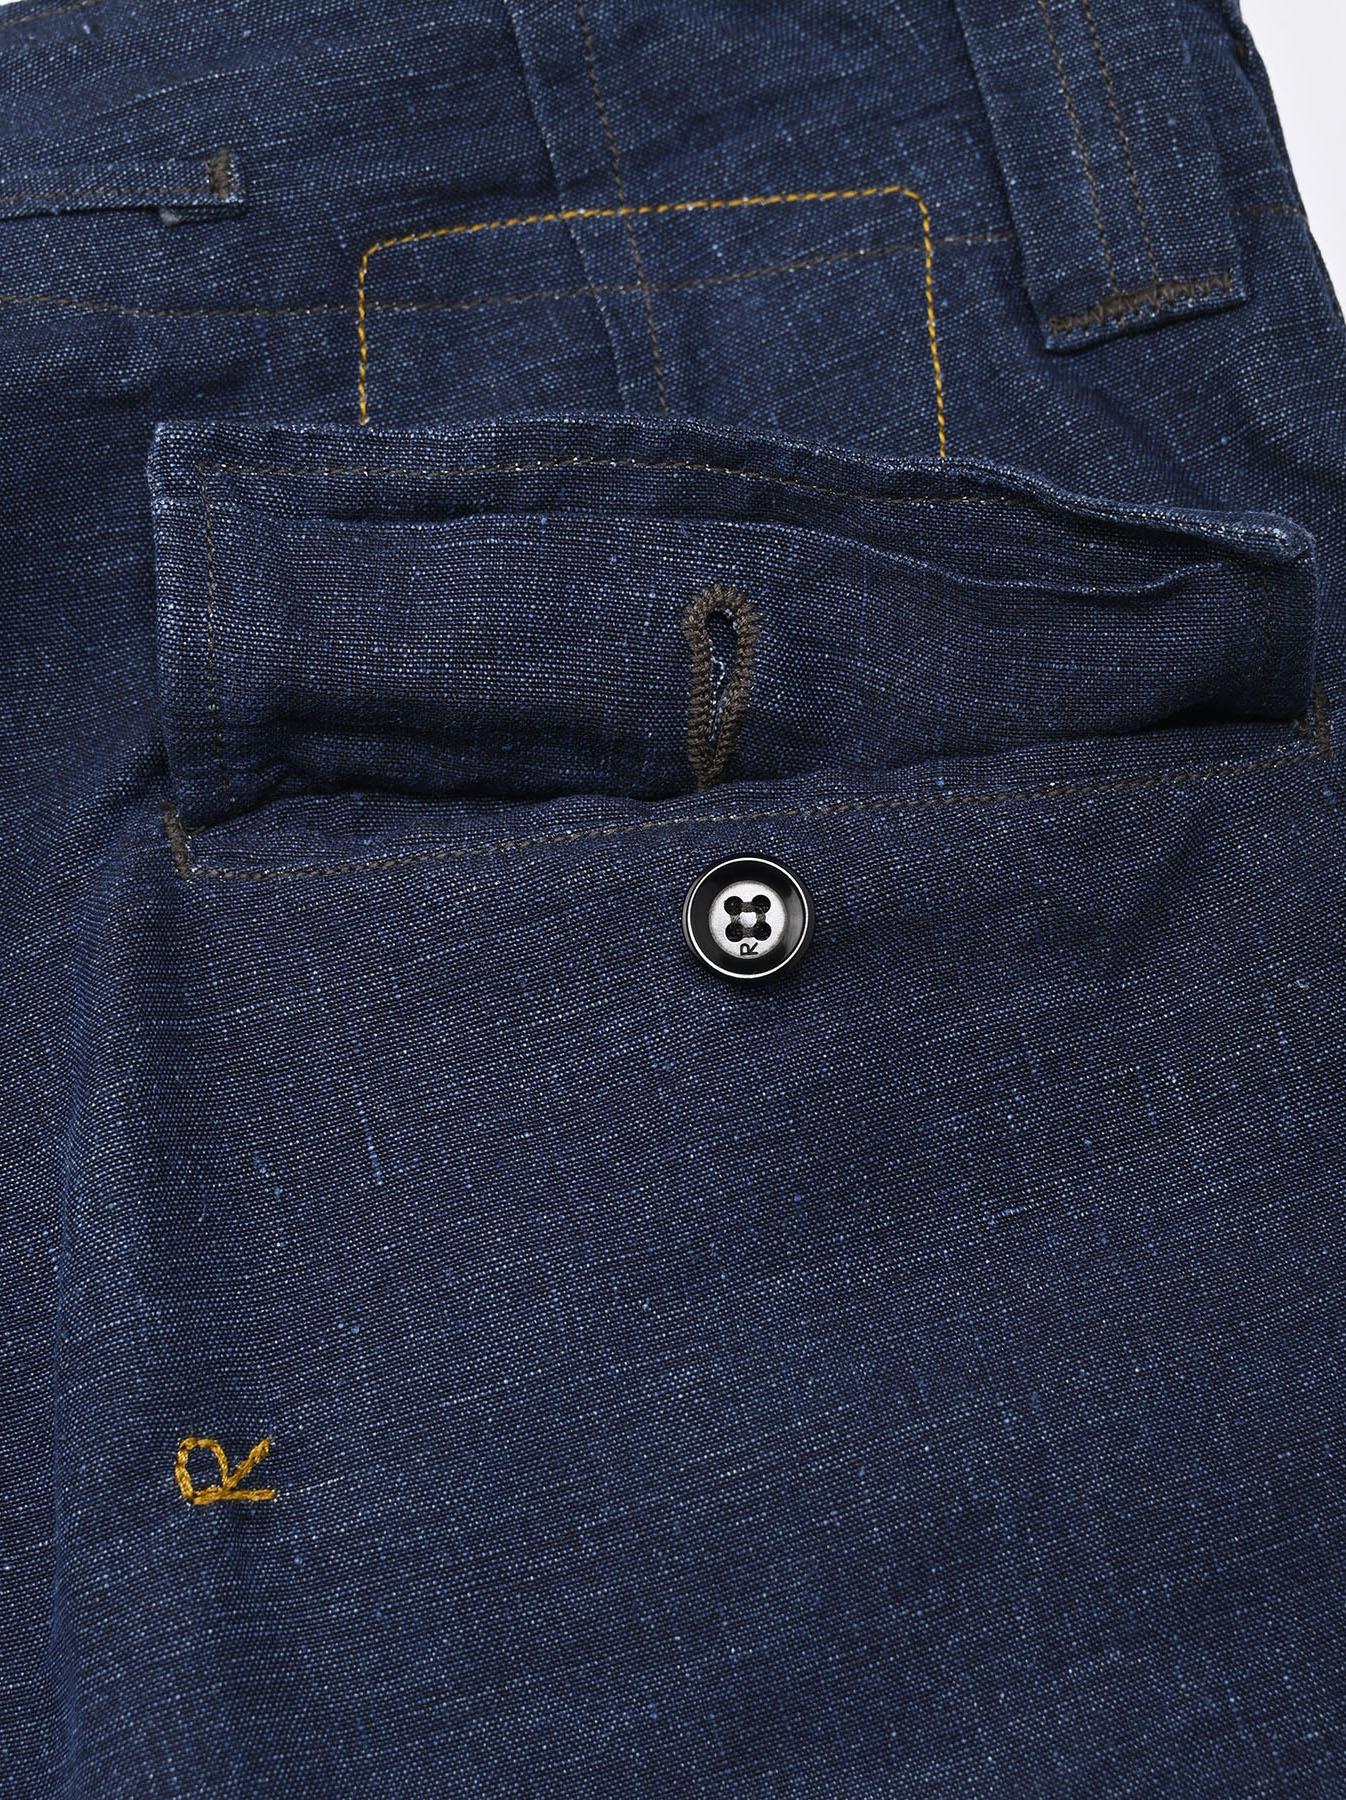 Indigo Nou Linen 908 Easy Sail Shorts (0721)-8